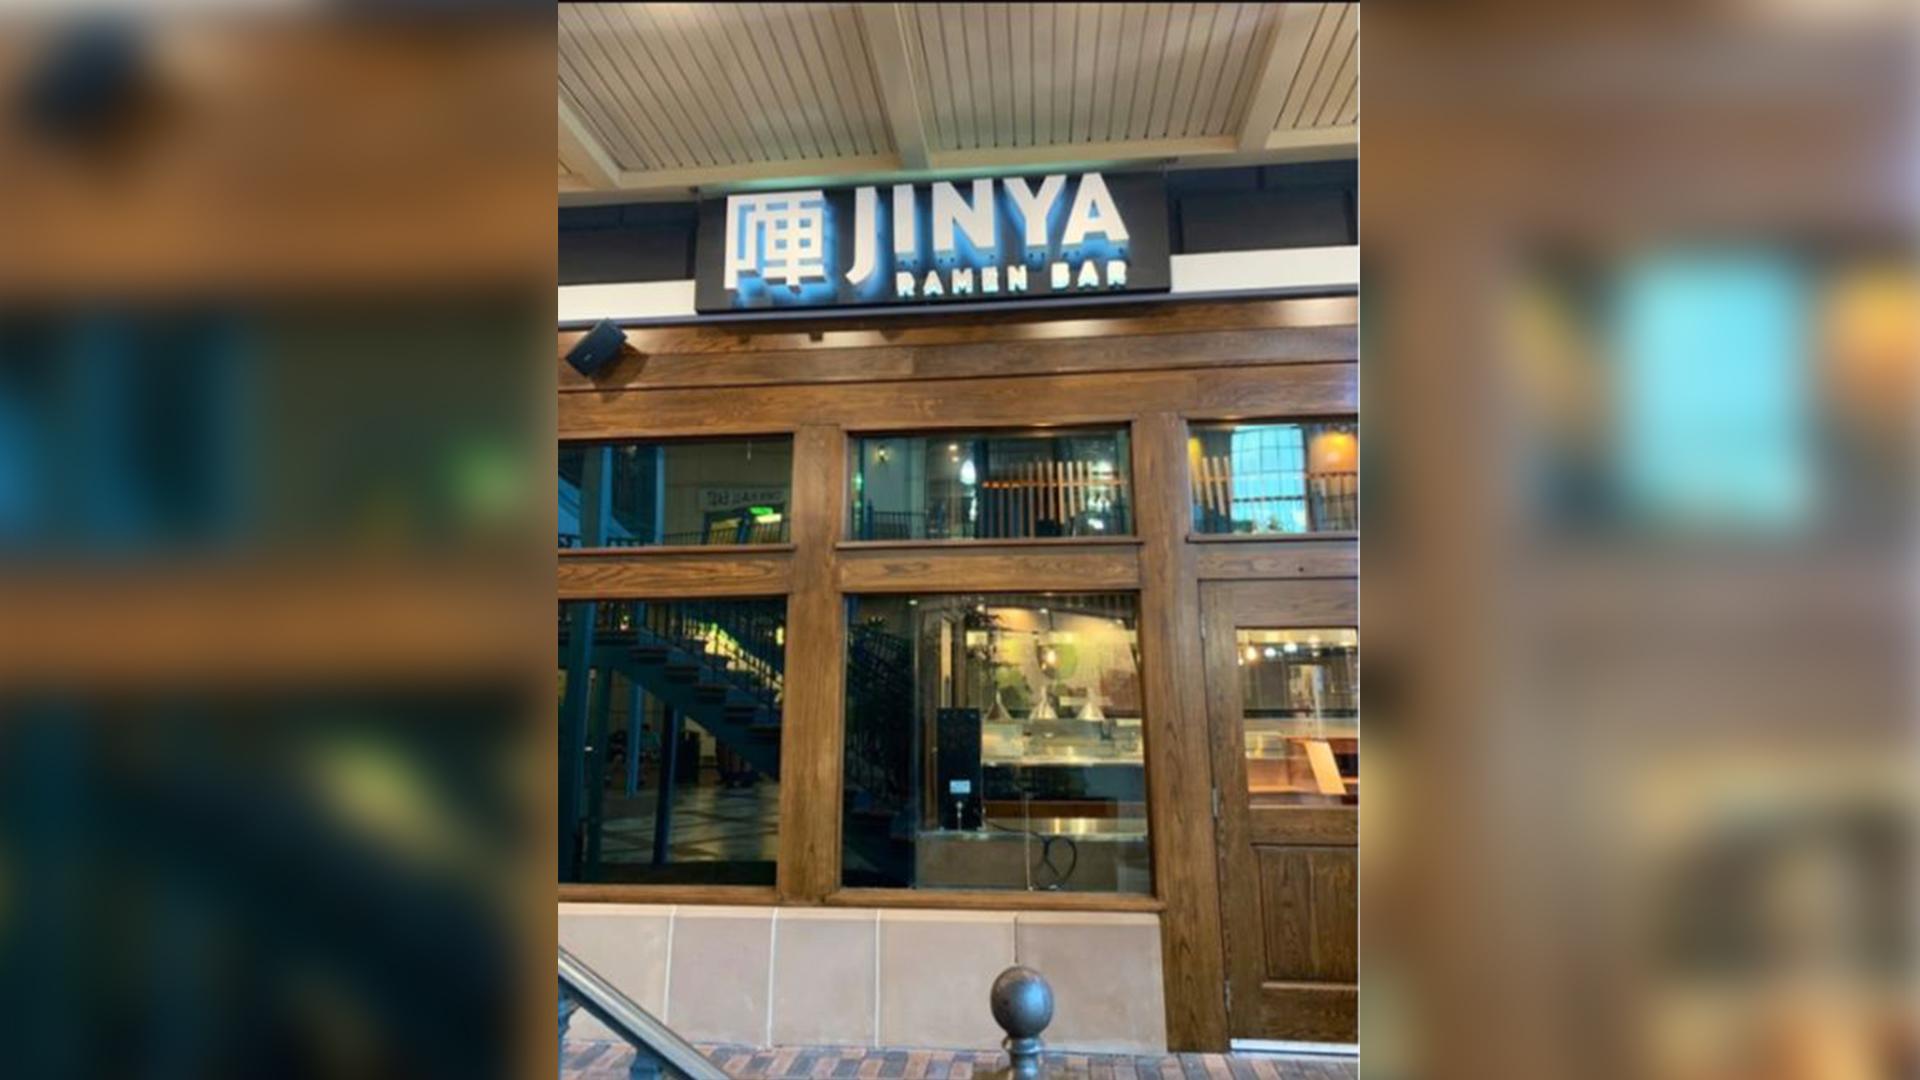 Jinya Ramen Bar_1558007606540.JPG.jpg